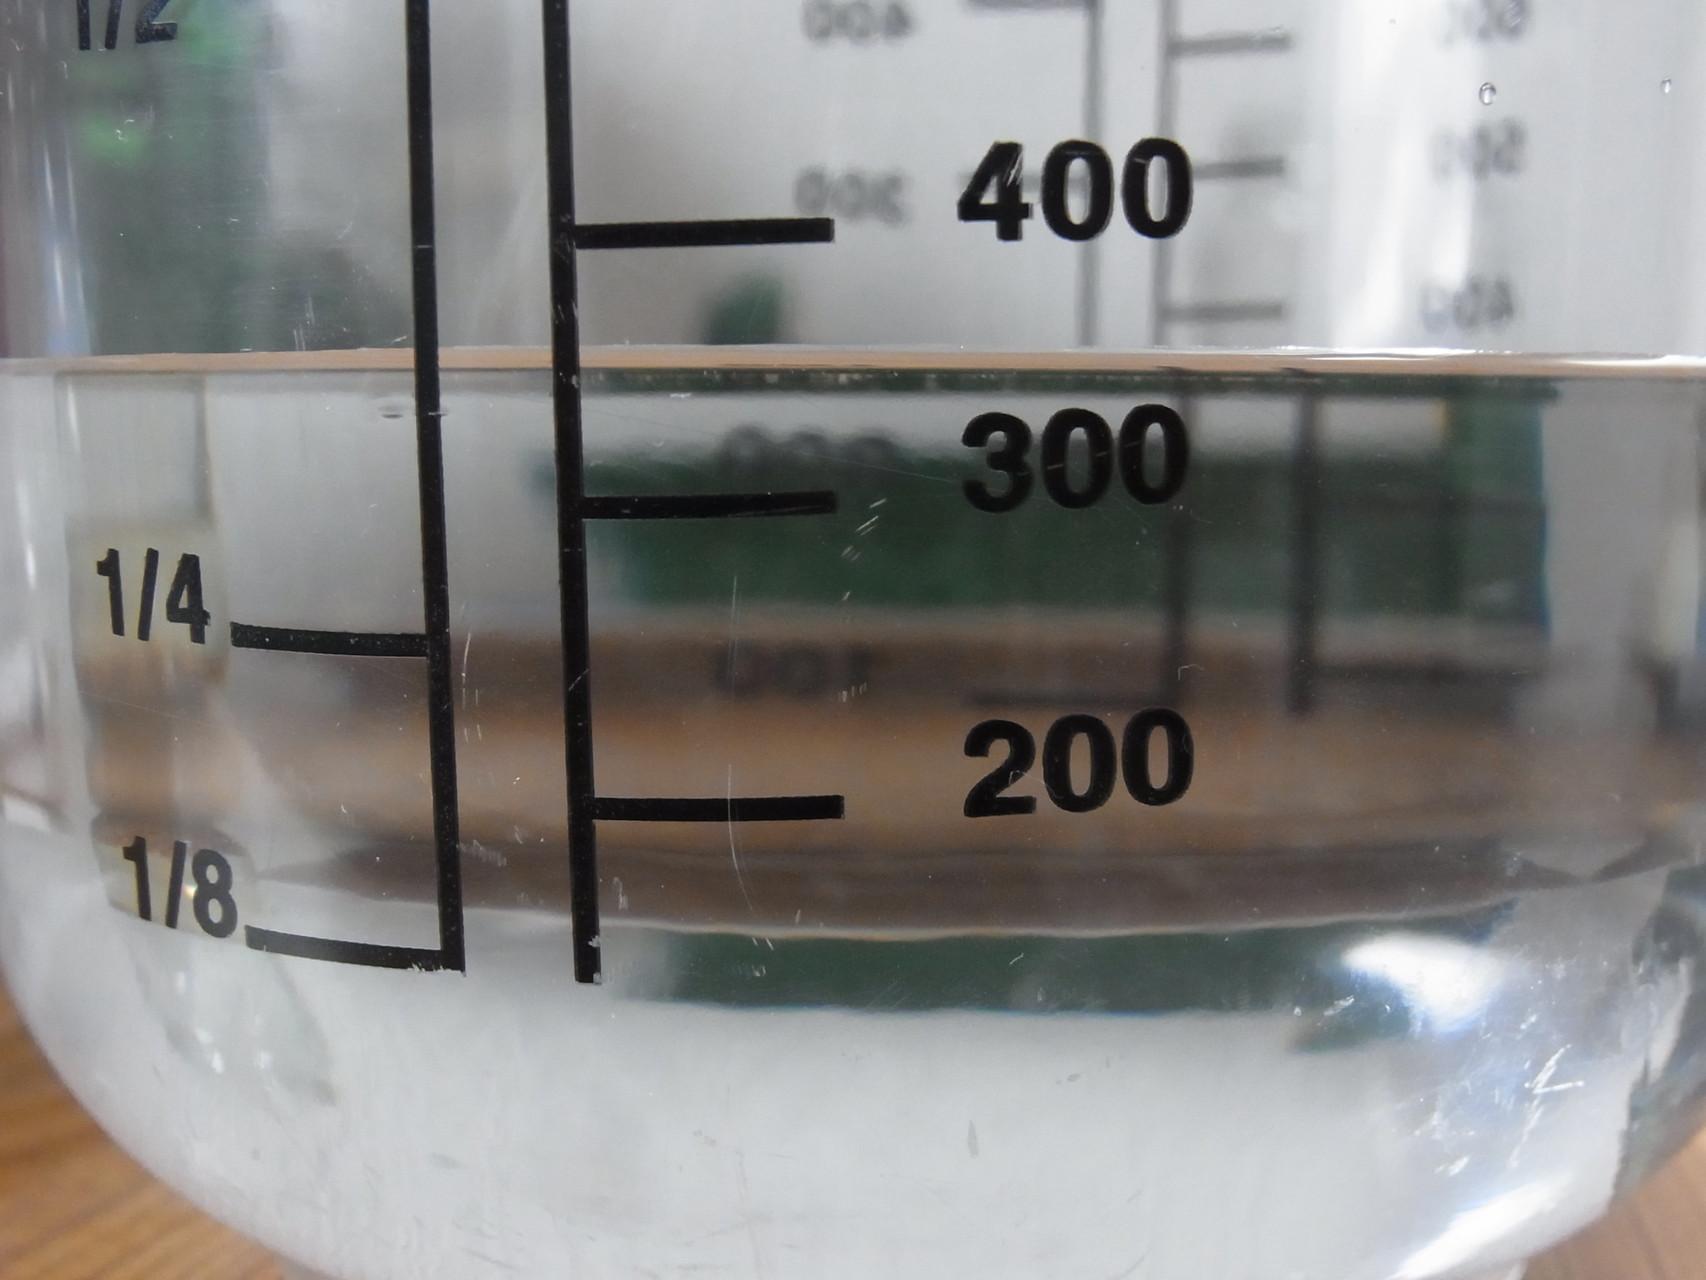 Abgemessene Menge weiches Wasser